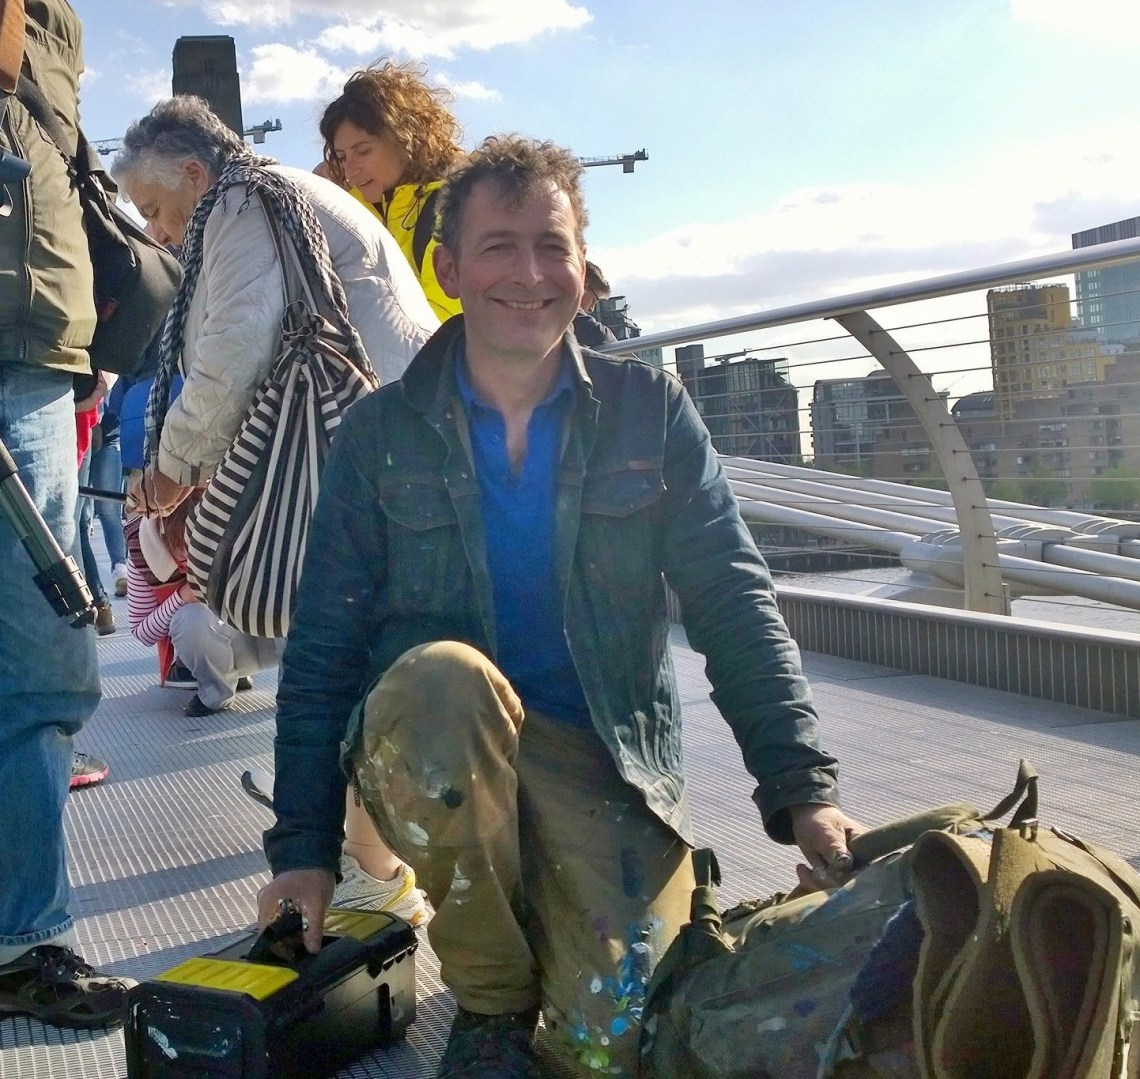 Ben Wilson the chewing gum man on the Millenium bridge